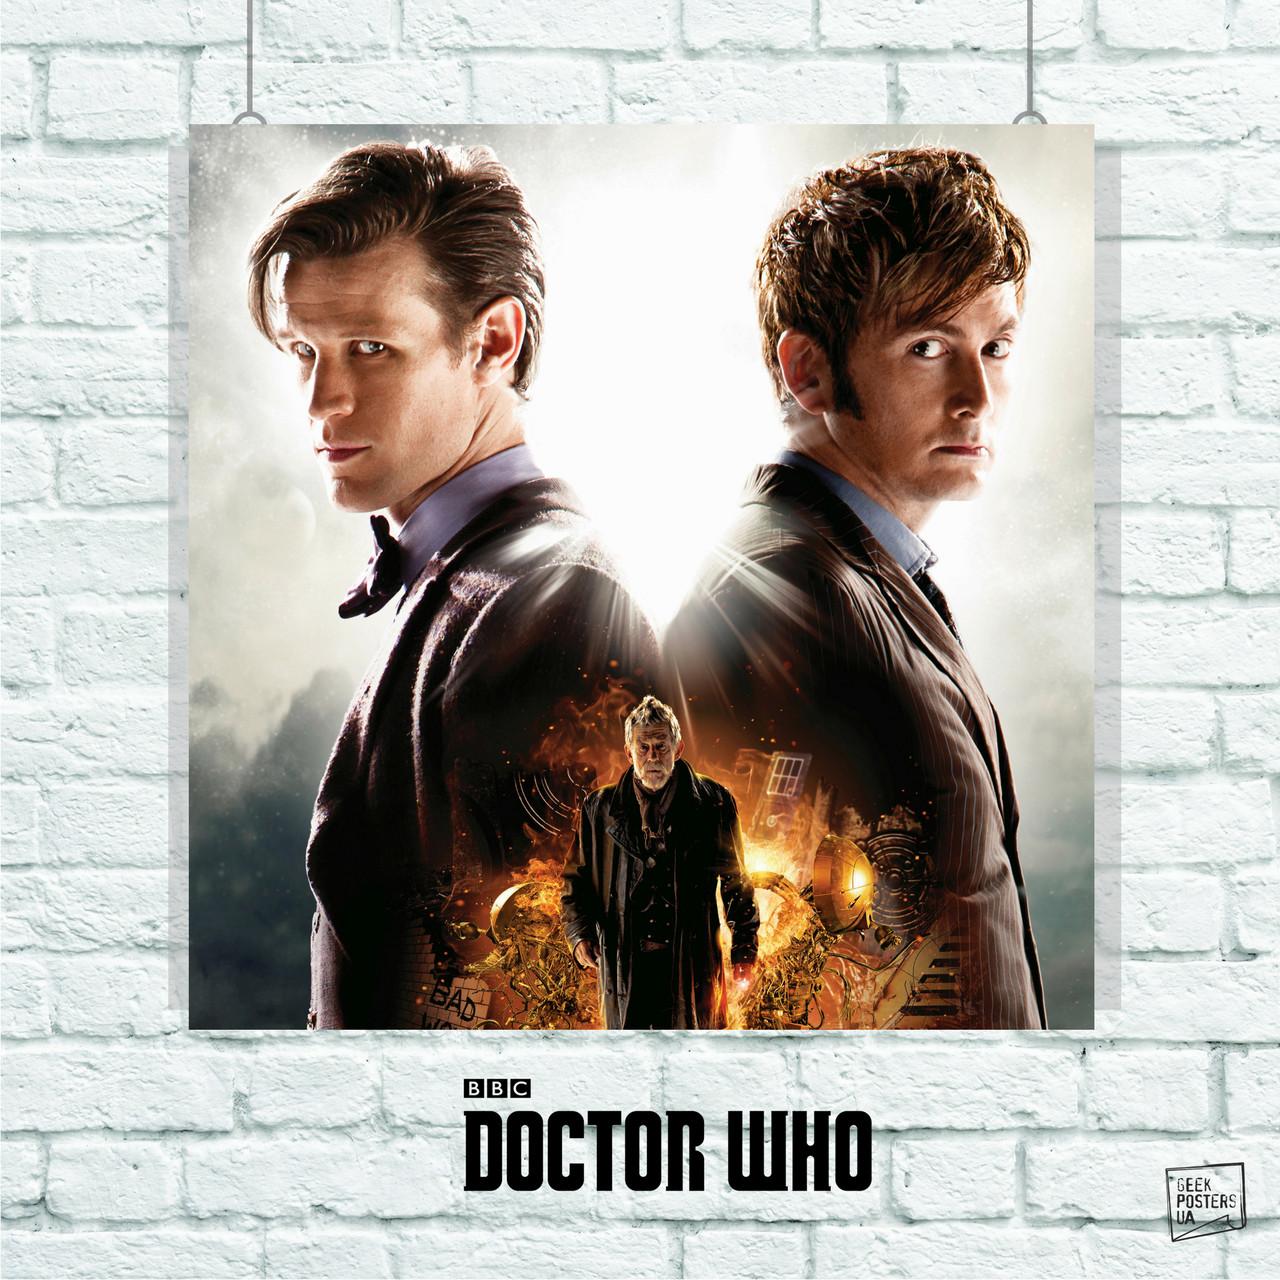 Постер War Doctor, Dr.Who, Доктор Кто. Размер 60x60см (A1). Глянцевая бумага